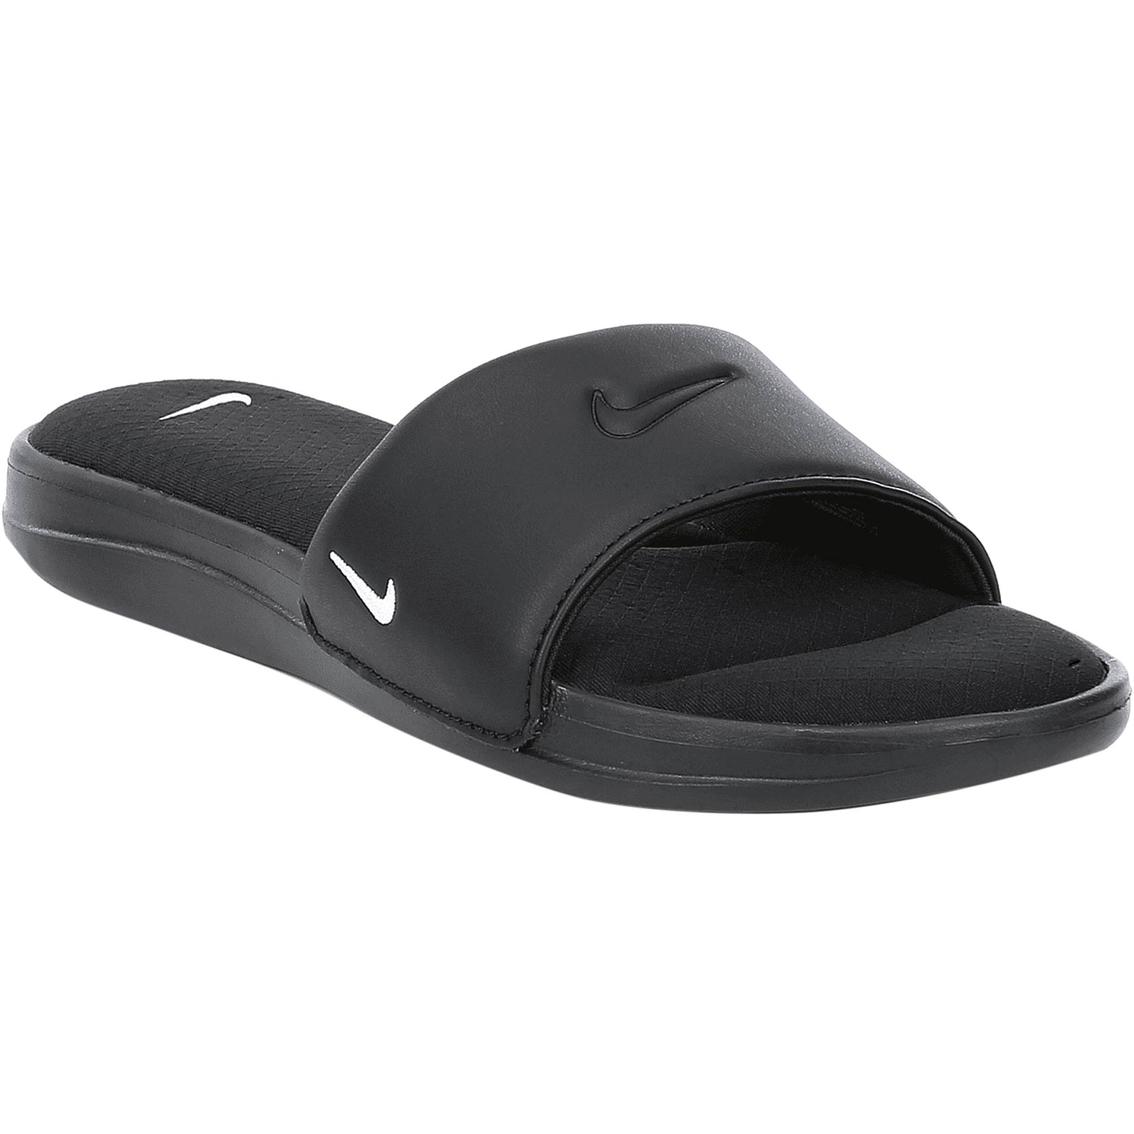 Nike Women's Ultra Comfort 3 Slides